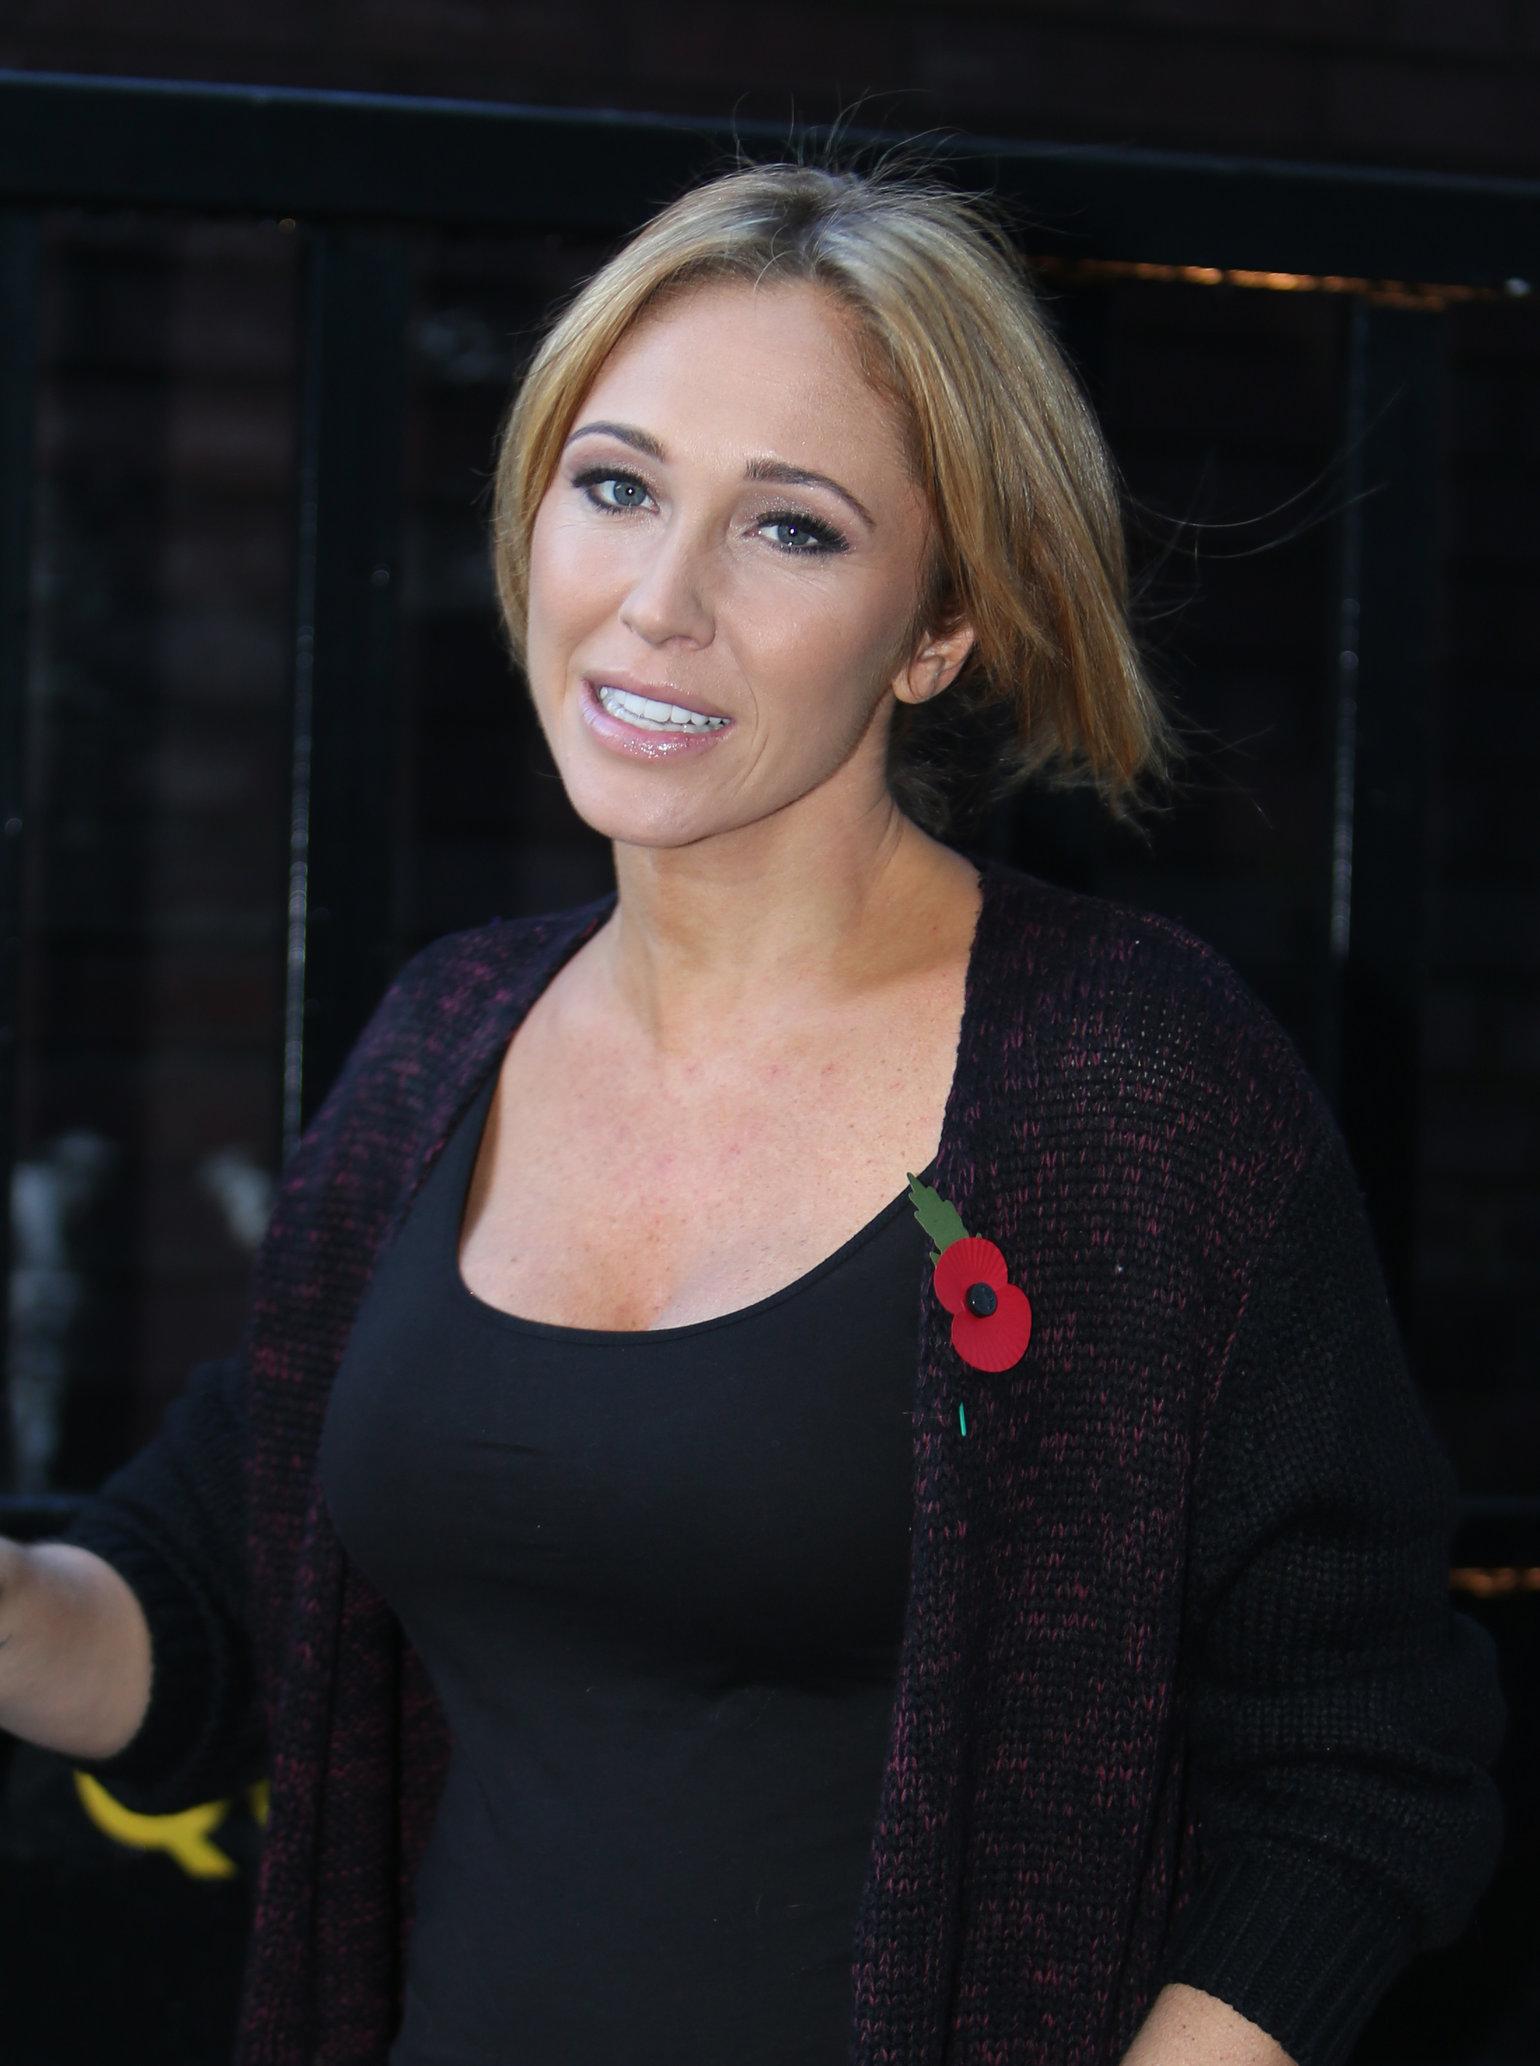 Jenny Frost ITV studios in London - November 1, 2012